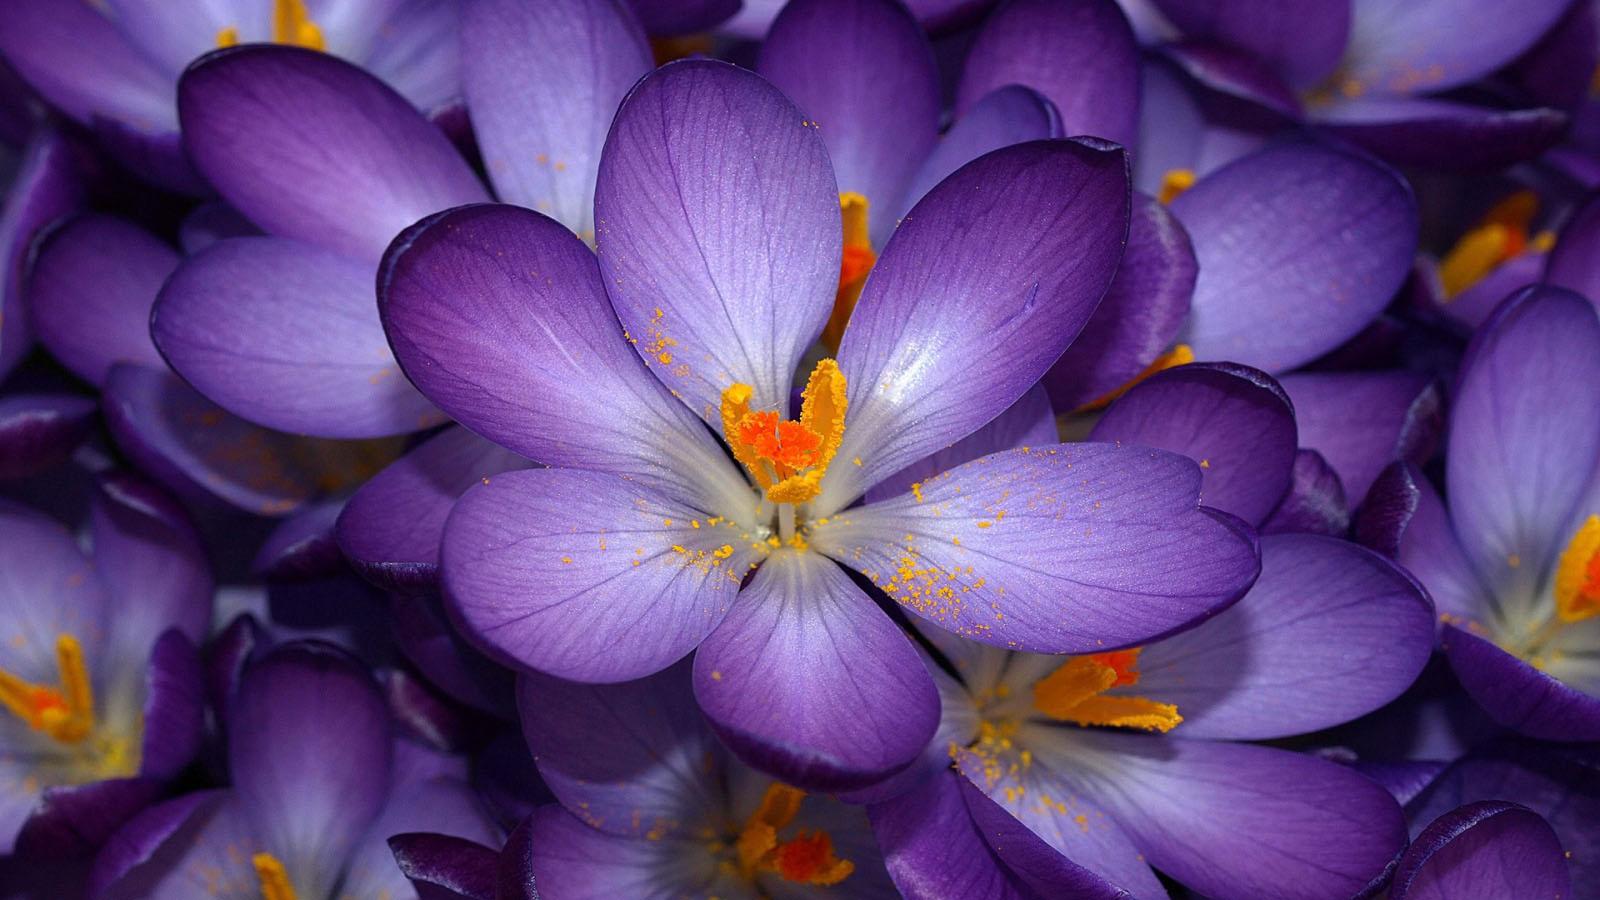 beautiful flower wallpapers hd